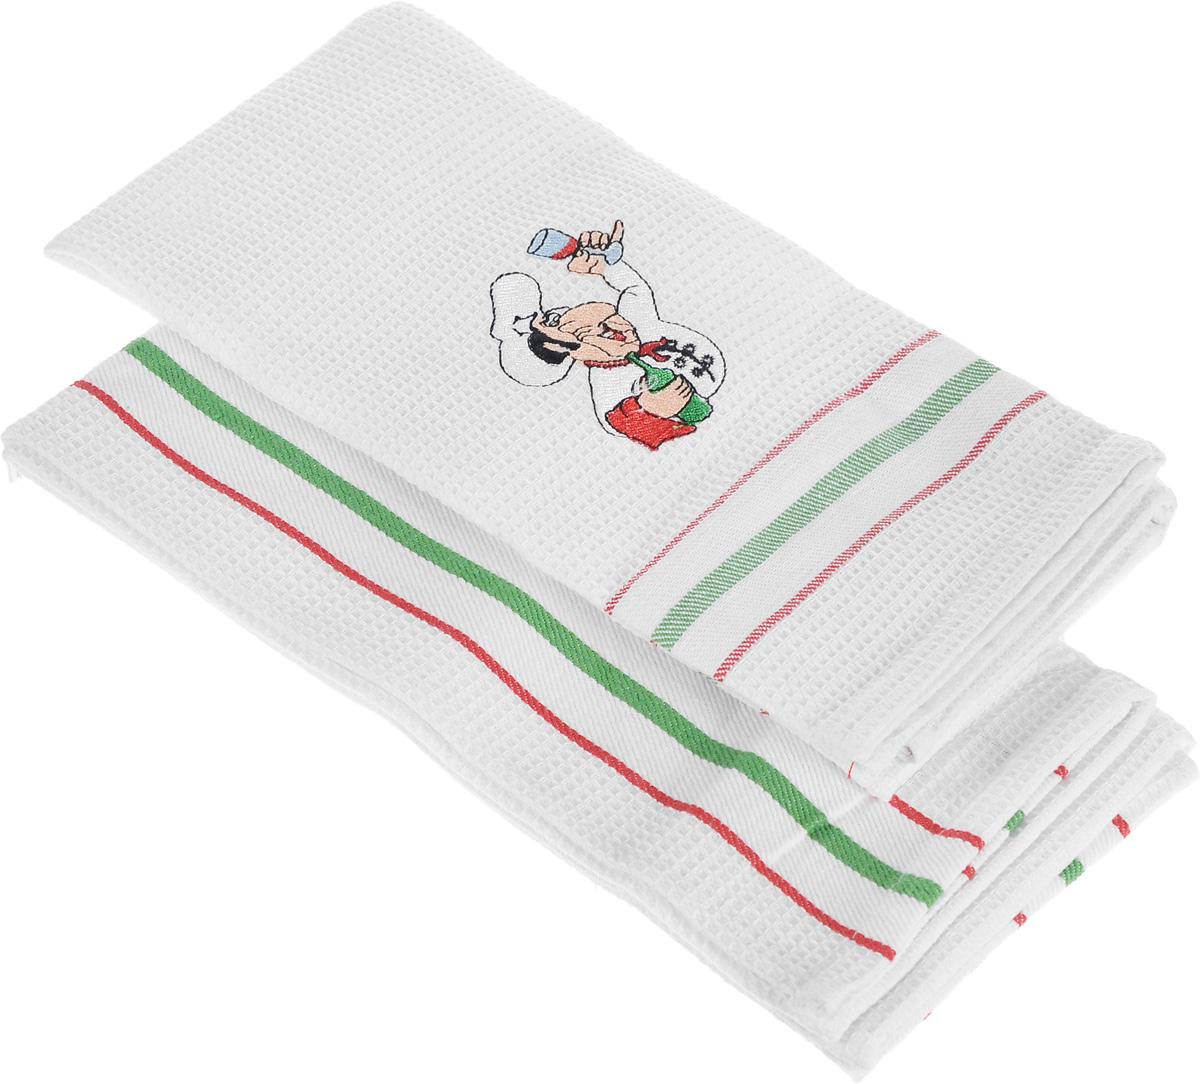 Набор кухонных полотенец Bon Appetit Italy. Towel, цвет: красный, 2 шт48980Кухонные полотенца Bon Appetit Italy. Towel идеально дополнят интерьер вашей кухни и создадут атмосферу уюта и комфорта. Полотенца выполнены из натурального 100% хлопка, поэтому являются экологически чистыми. Качество материала гарантирует безопасность не только взрослых, но и самых маленьких членов семьи. Размер полотенца: 40 х 60 см. В комплекте: 2 полотенца.